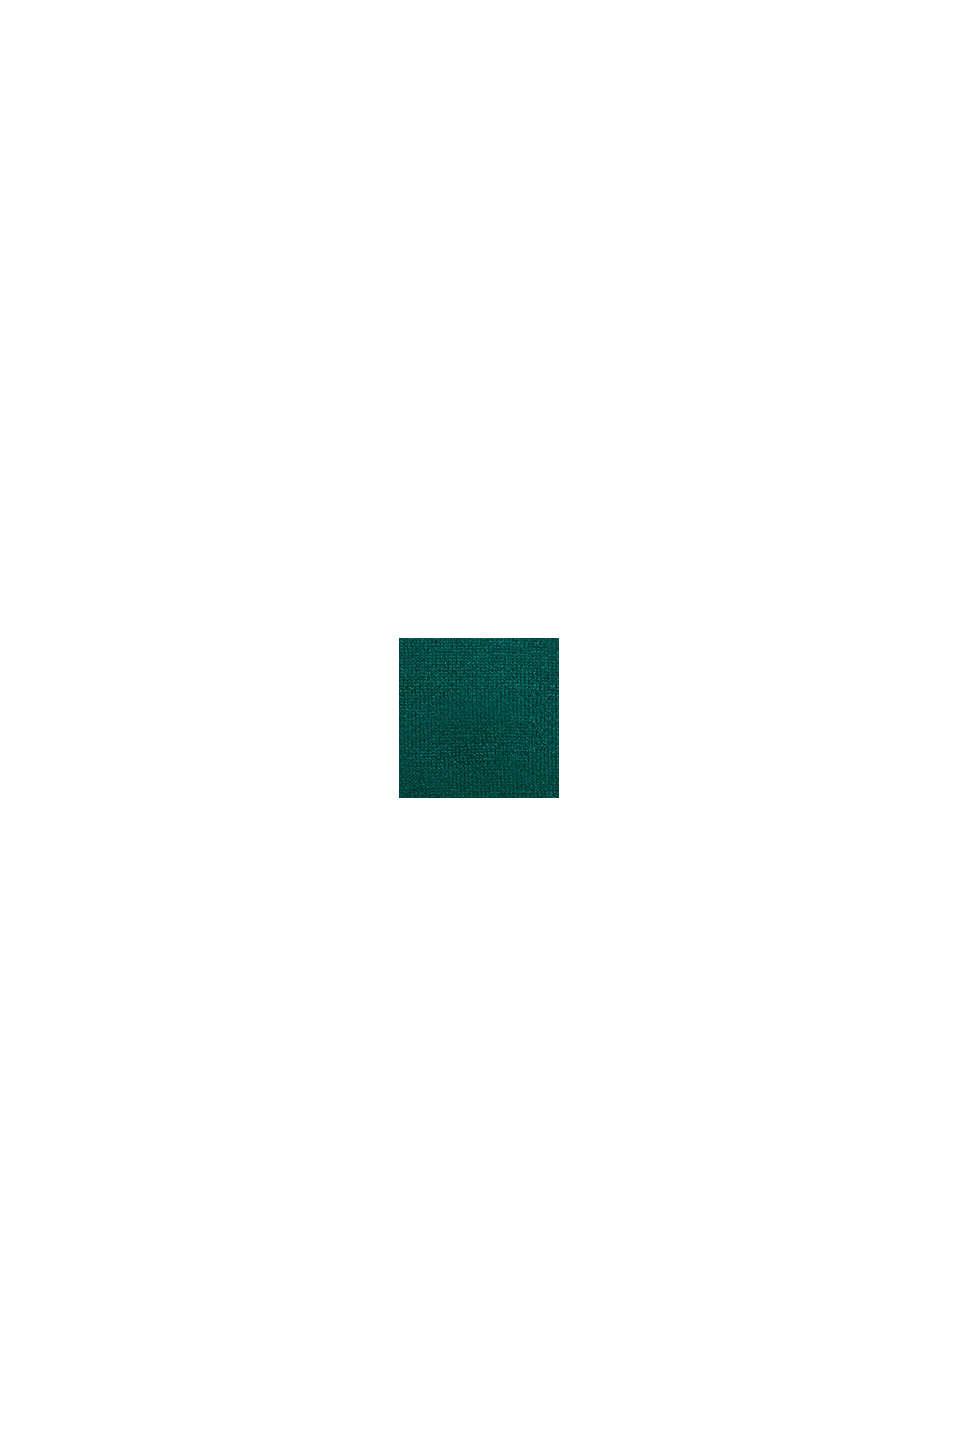 Wol: gebreide trui met jacquardpatroon, BOTTLE GREEN, swatch